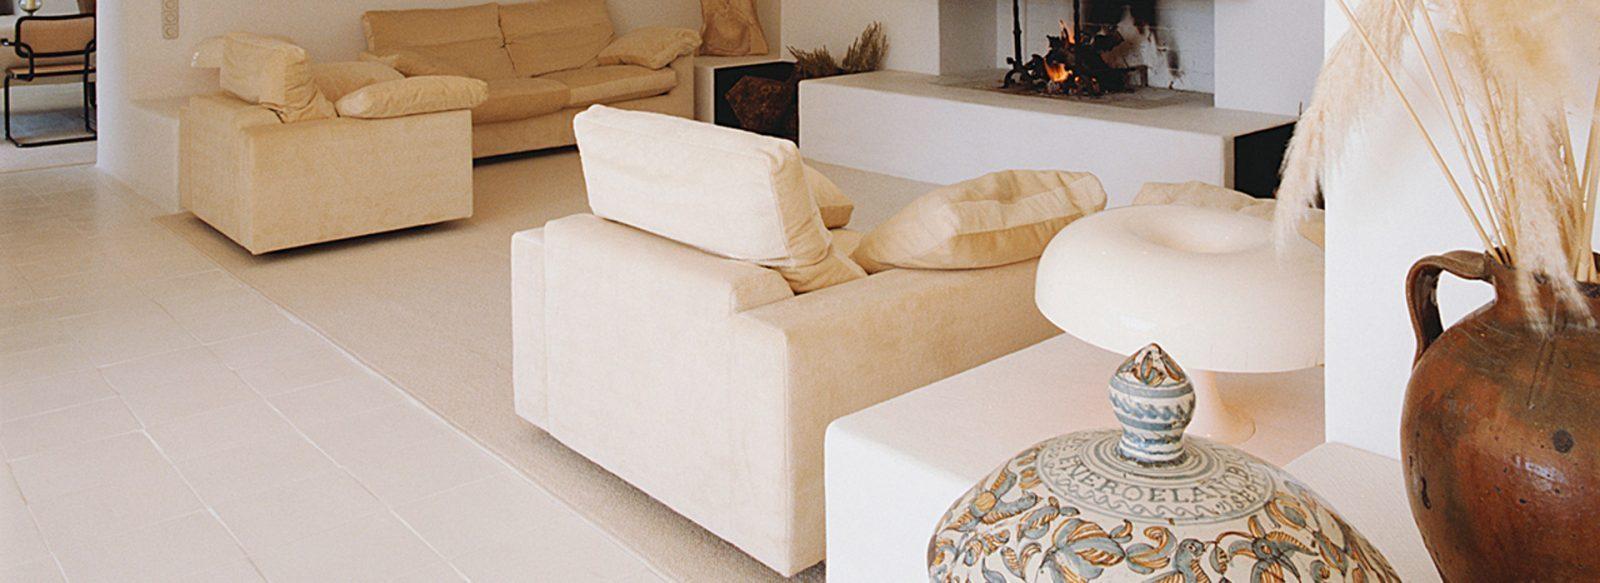 comment nettoyer n 39 importe quel type de sol avec filacleaner. Black Bedroom Furniture Sets. Home Design Ideas